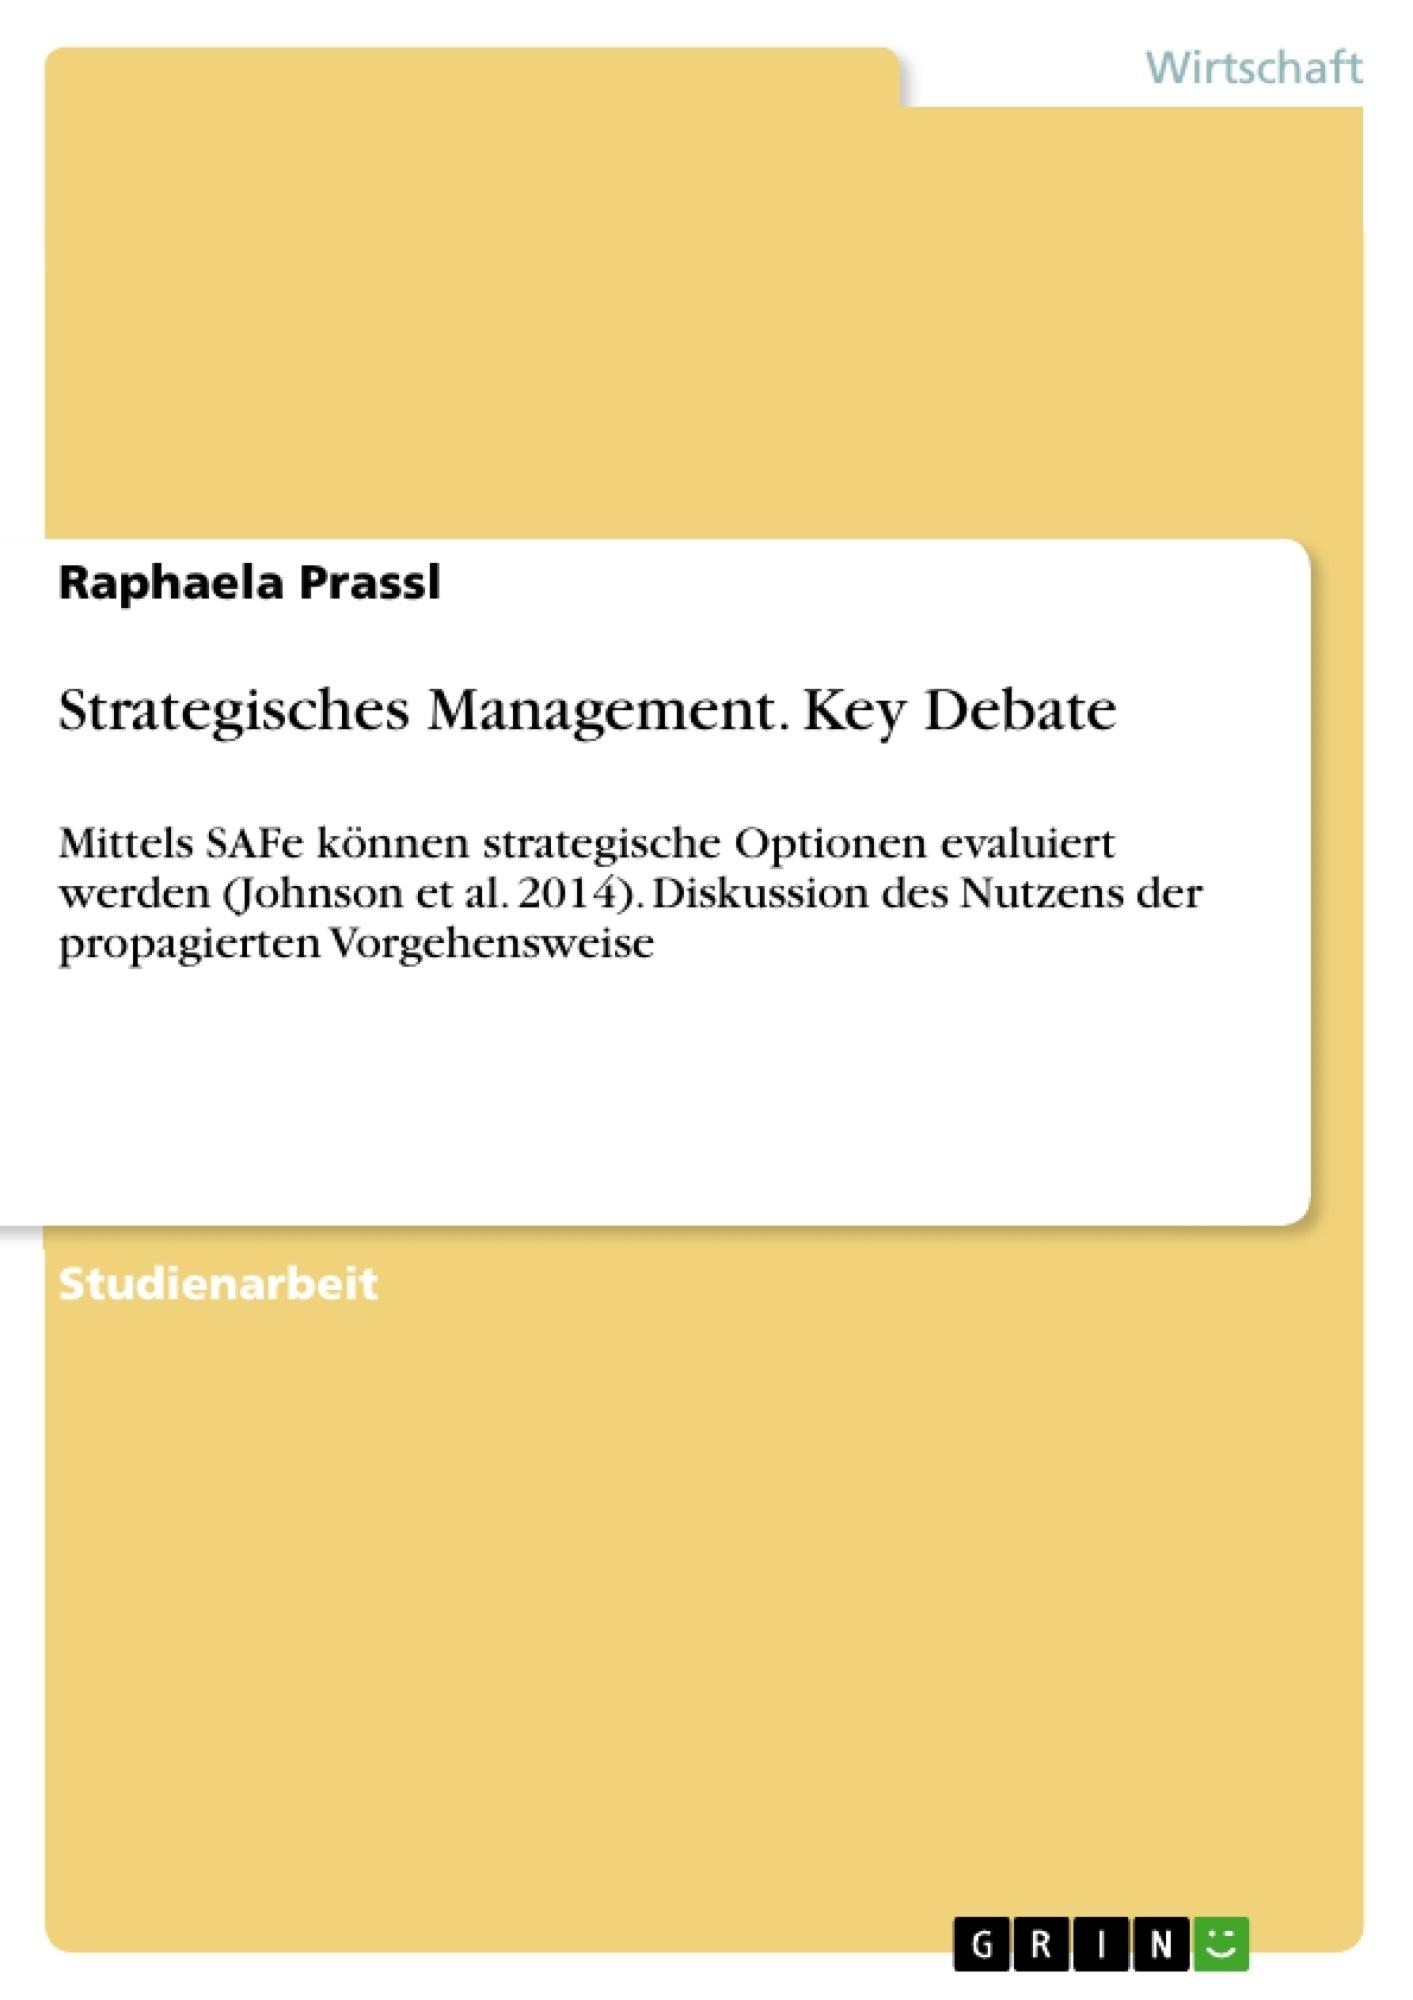 Titel: Strategisches Management. Key Debate